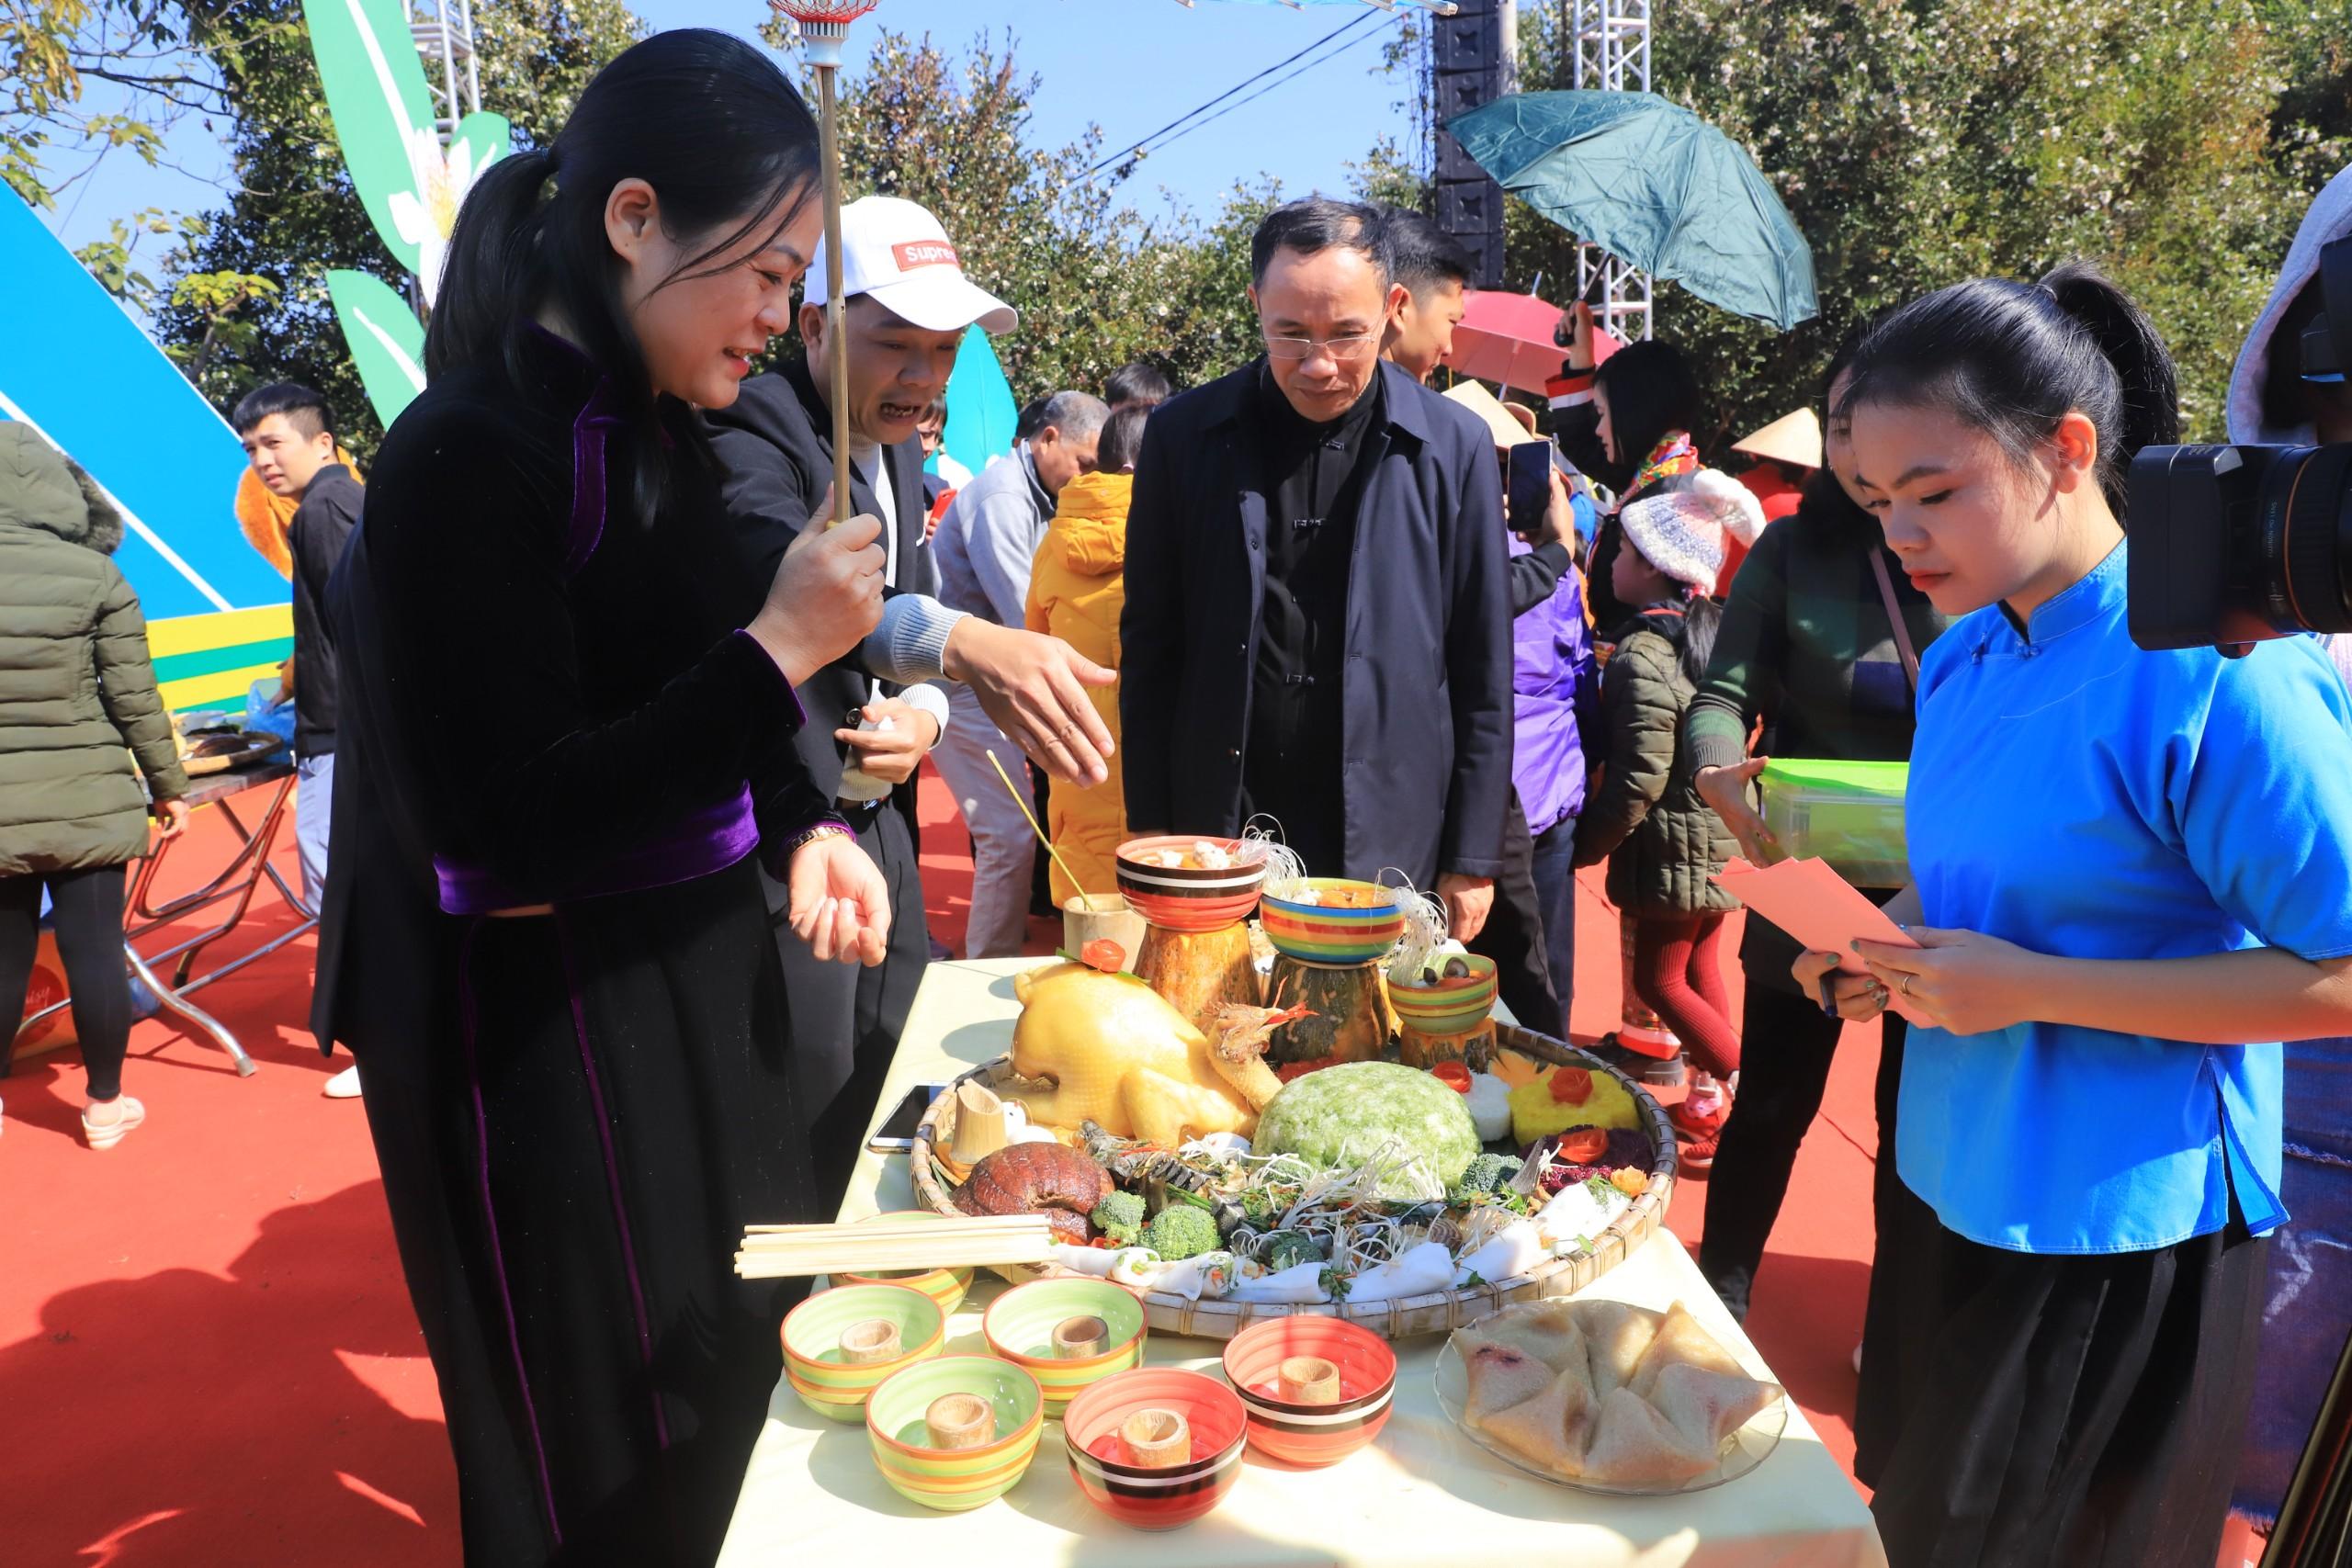 Phát triển du lịch cộng đồng, ẩm thực dân tộc đang thu hút được sự quan tâm của du khách khi đến với Bình Liêu